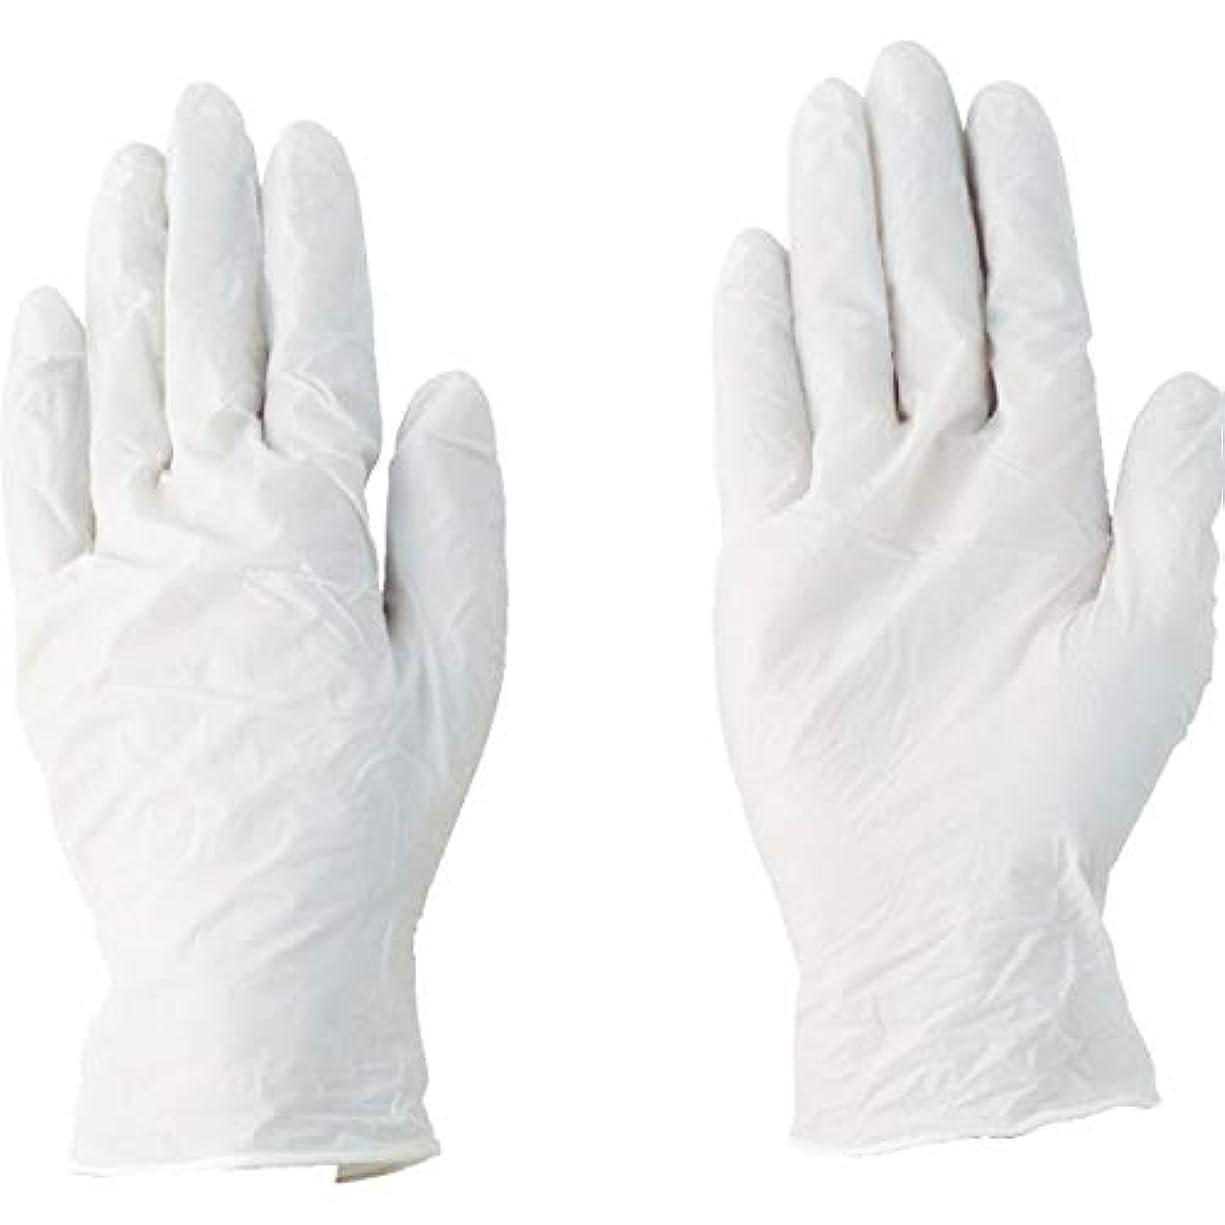 イチゴ肩をすくめる修復川西工業/川西 ニトリル使いきり手袋 100枚入(4218078) 2039W-L [その他] [その他]